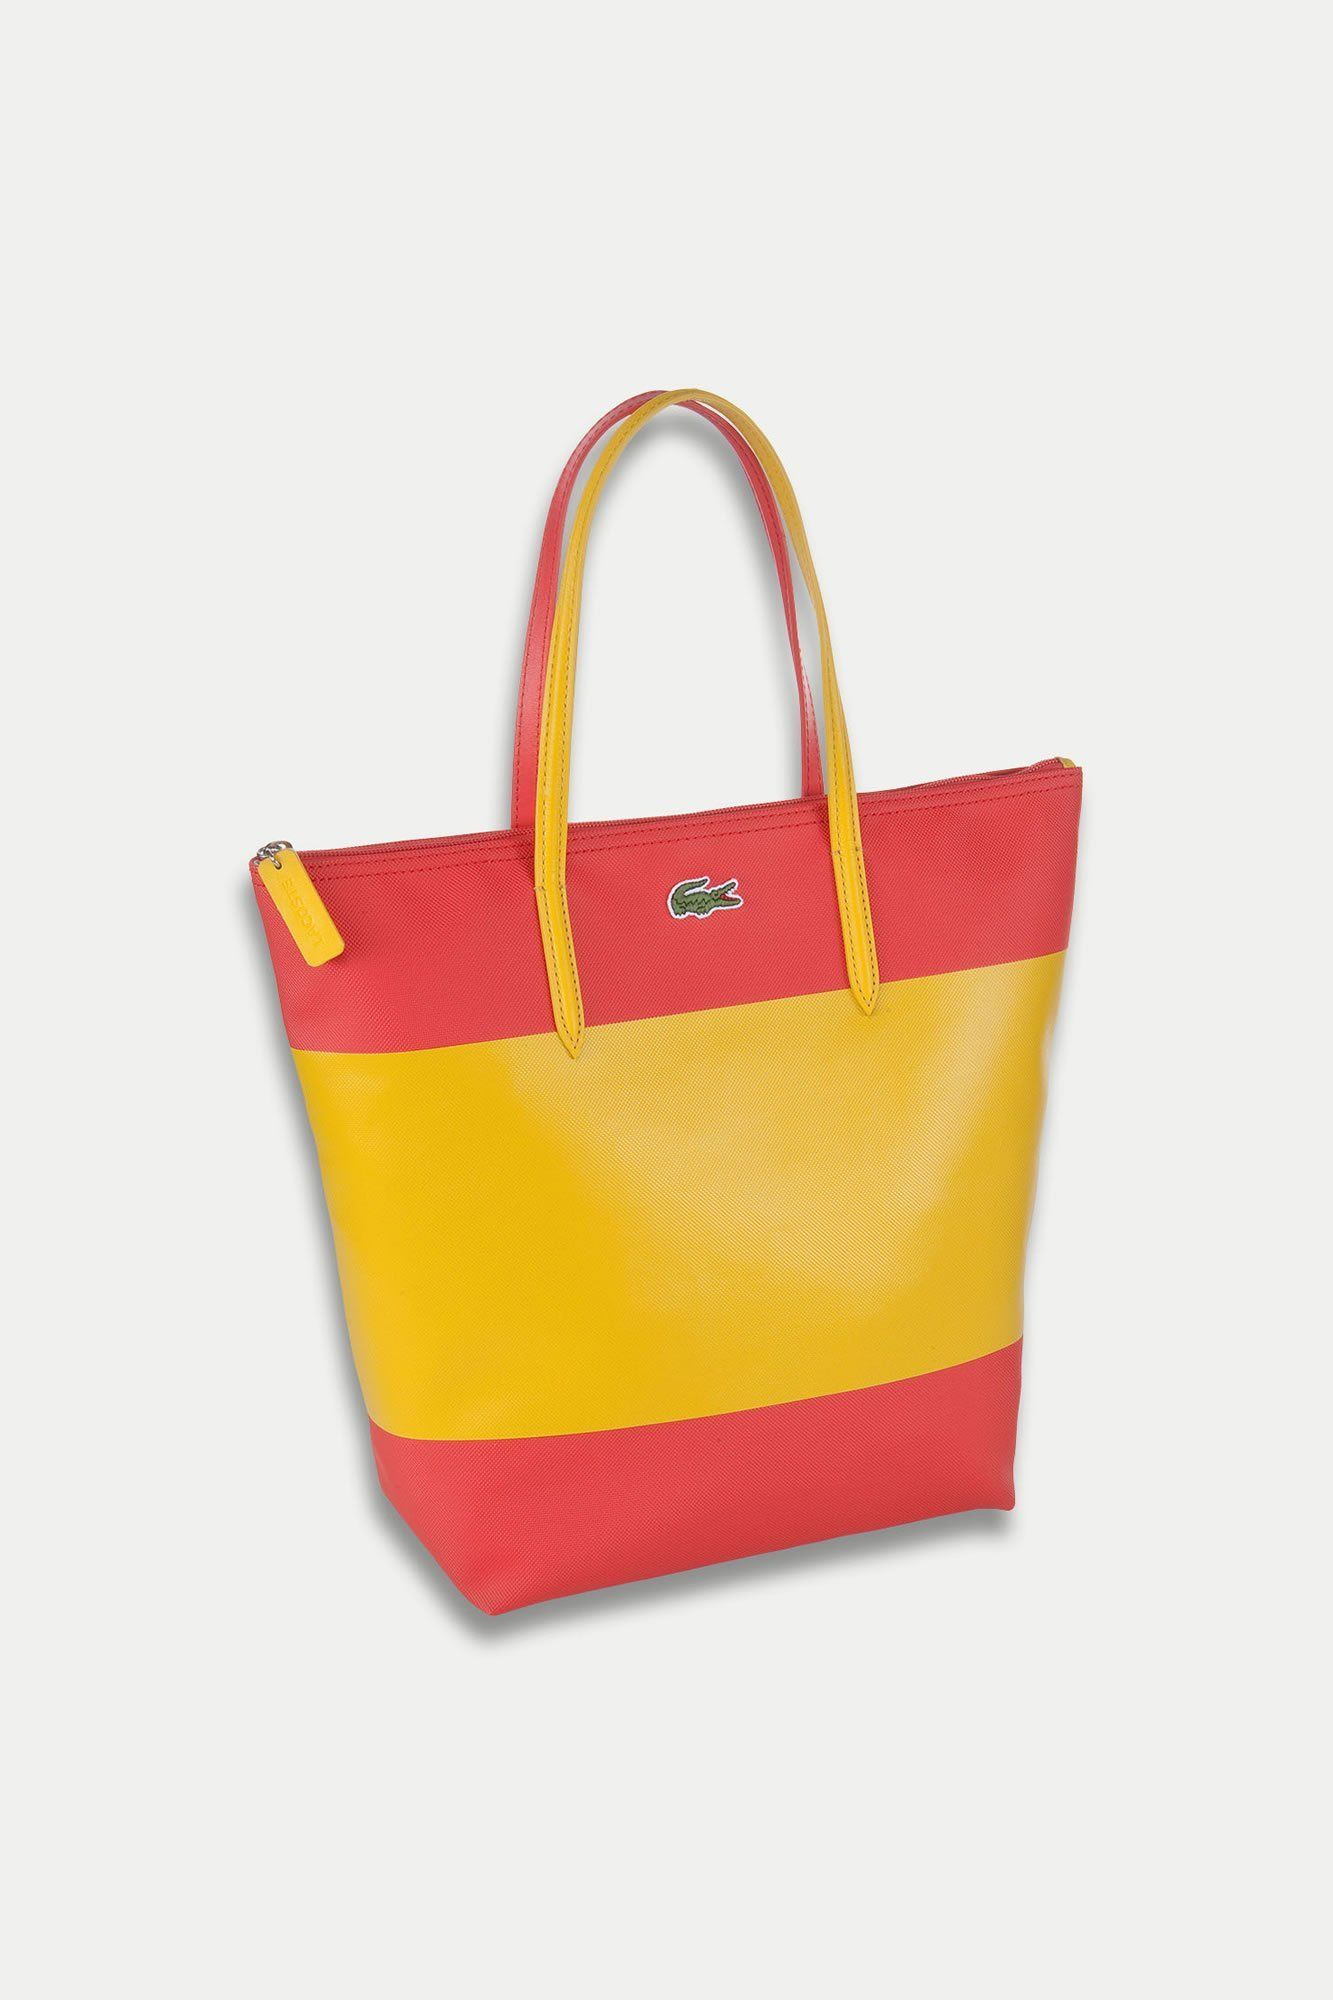 2e0cabb0bc90 lacoste bags - Google Search